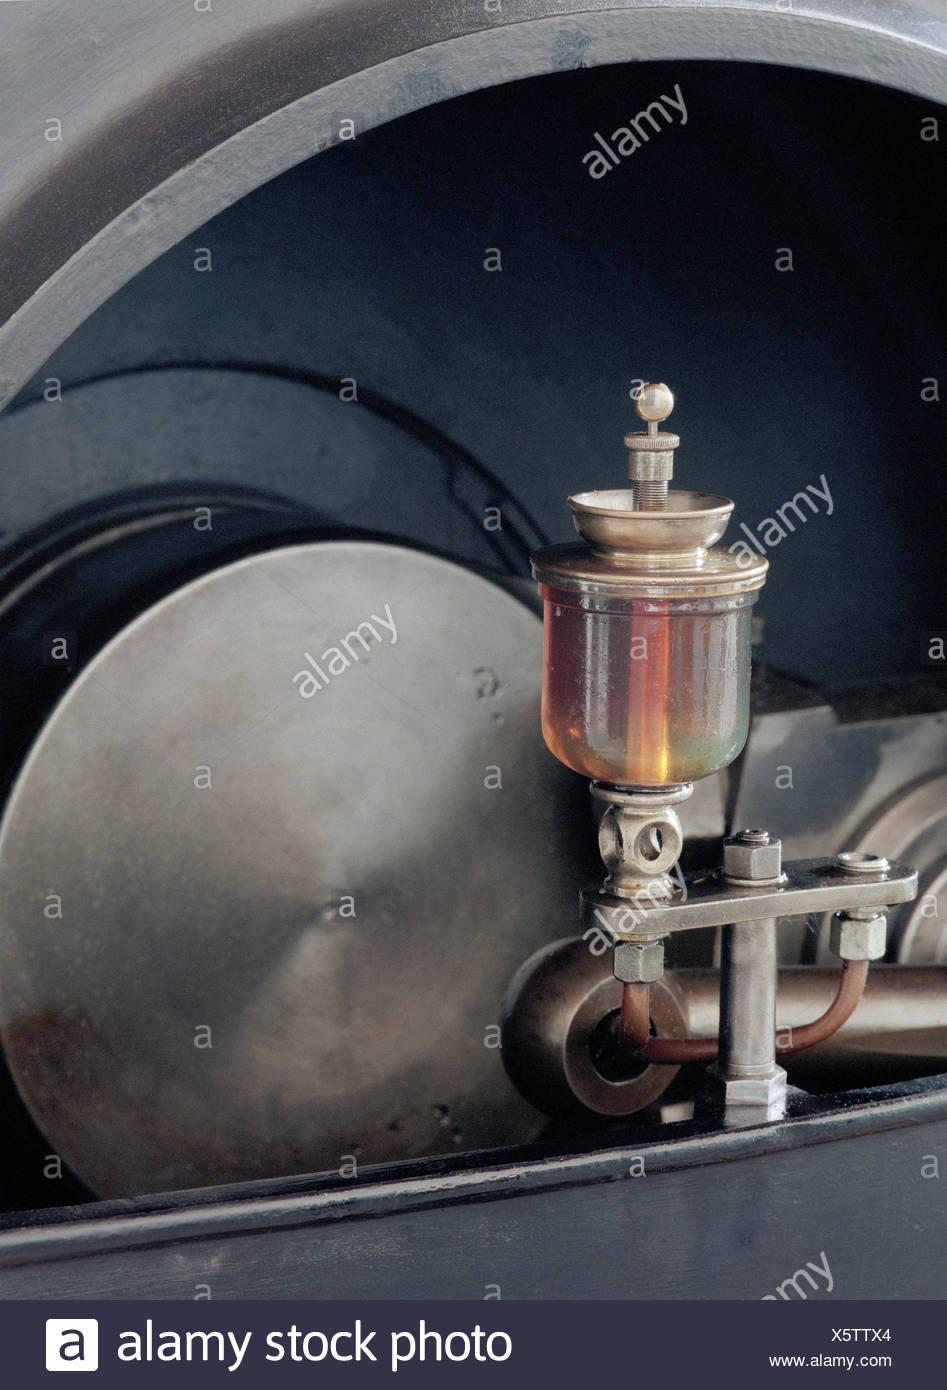 Steam engine, piston rod, detail, oil tank, machine